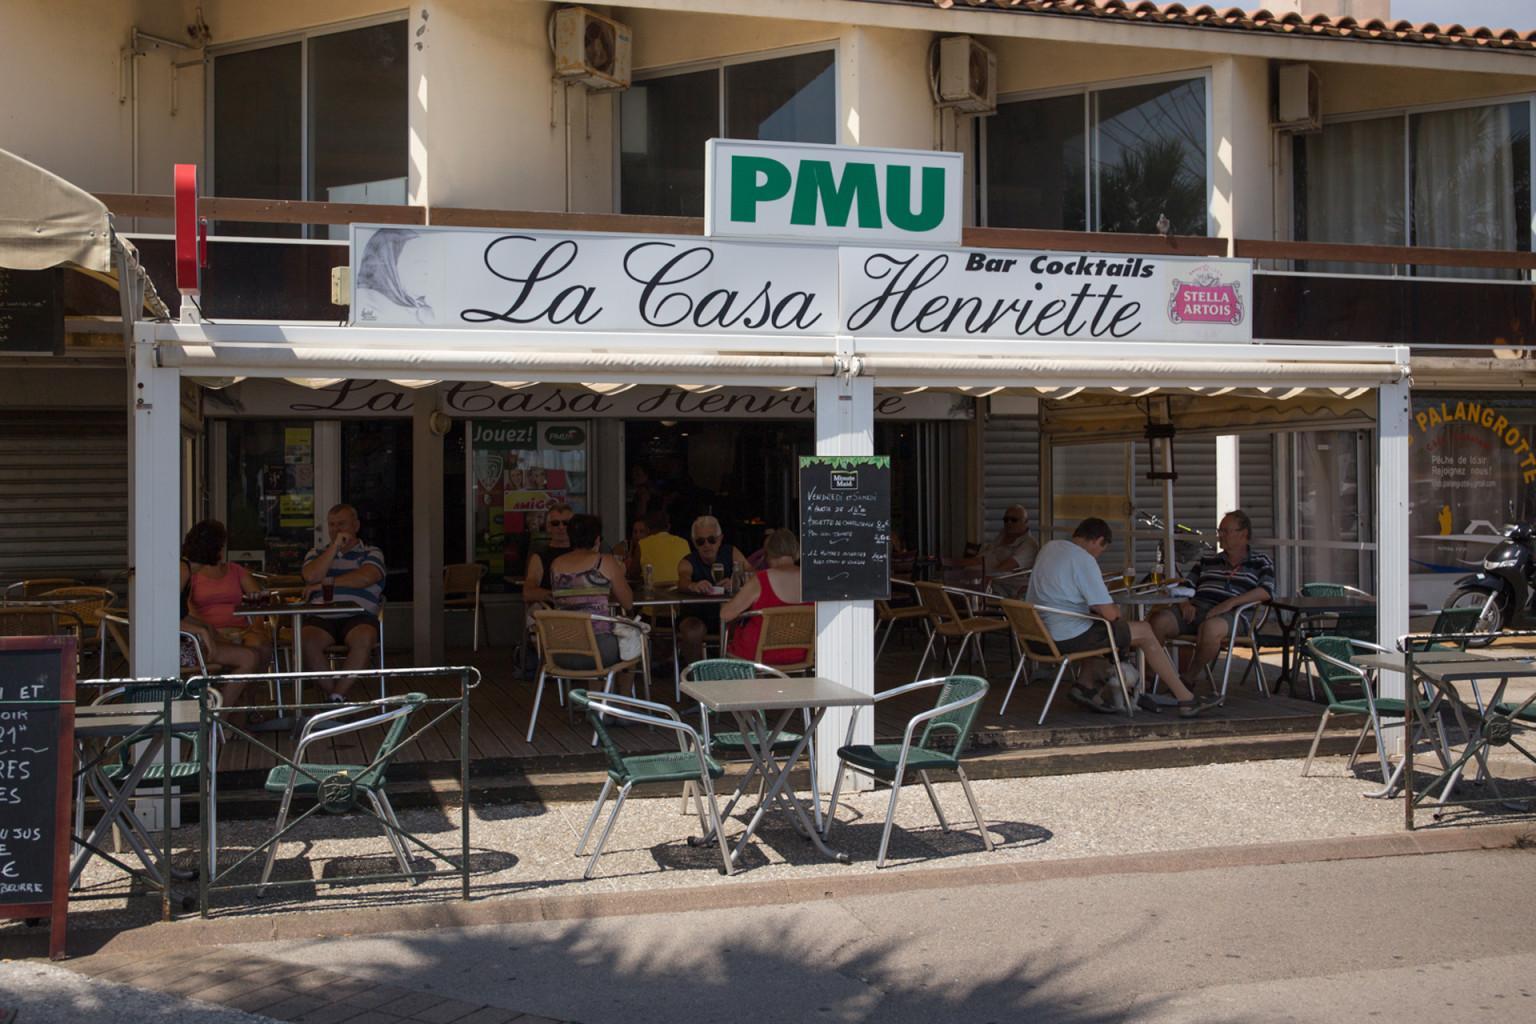 La casa henriette bars et restaurants office de tourisme de saint cyprien - Agence du port saint cyprien ...